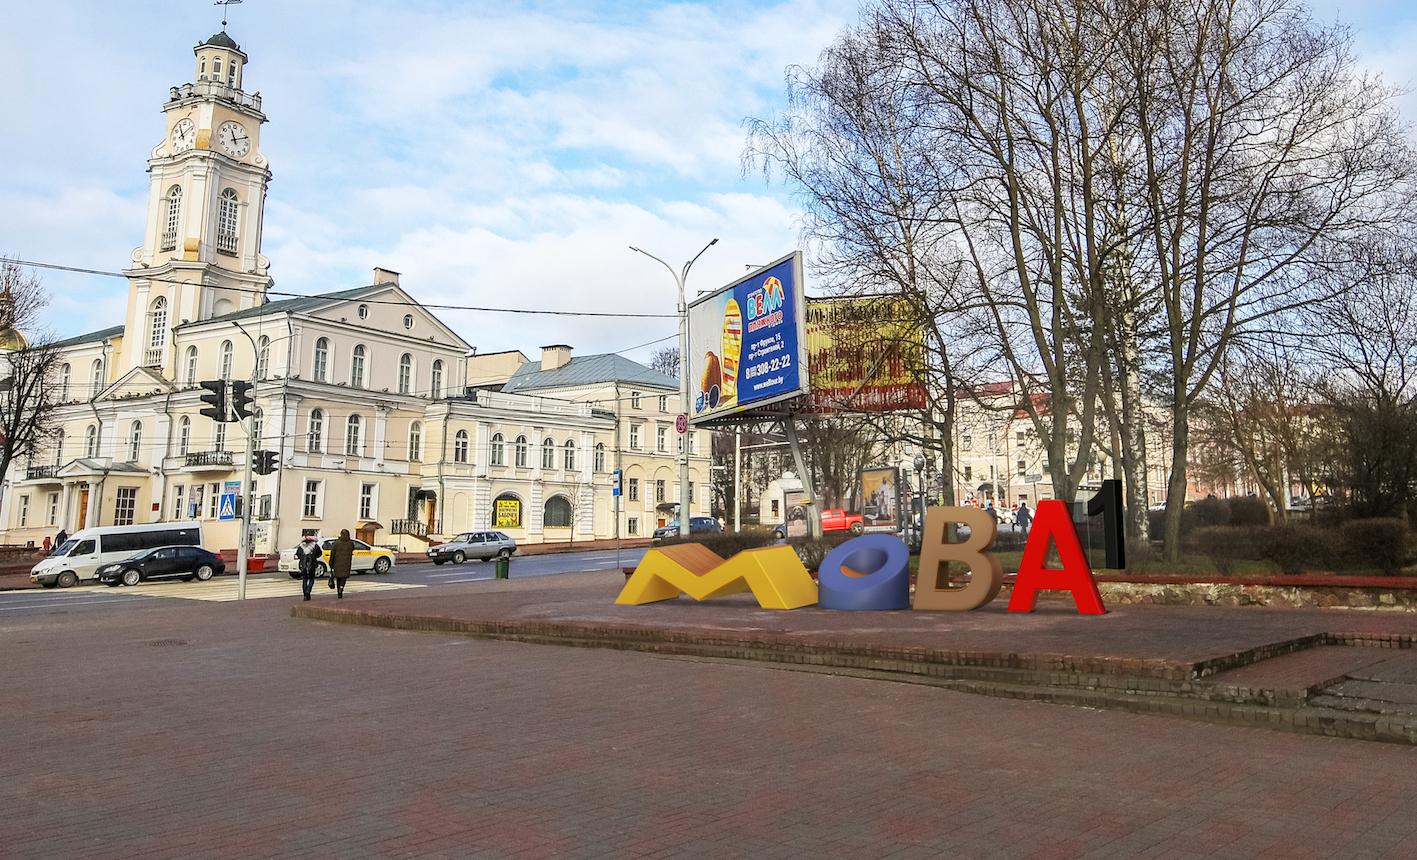 02-A1-219_MOVA_Vitebsk_Sas_v2